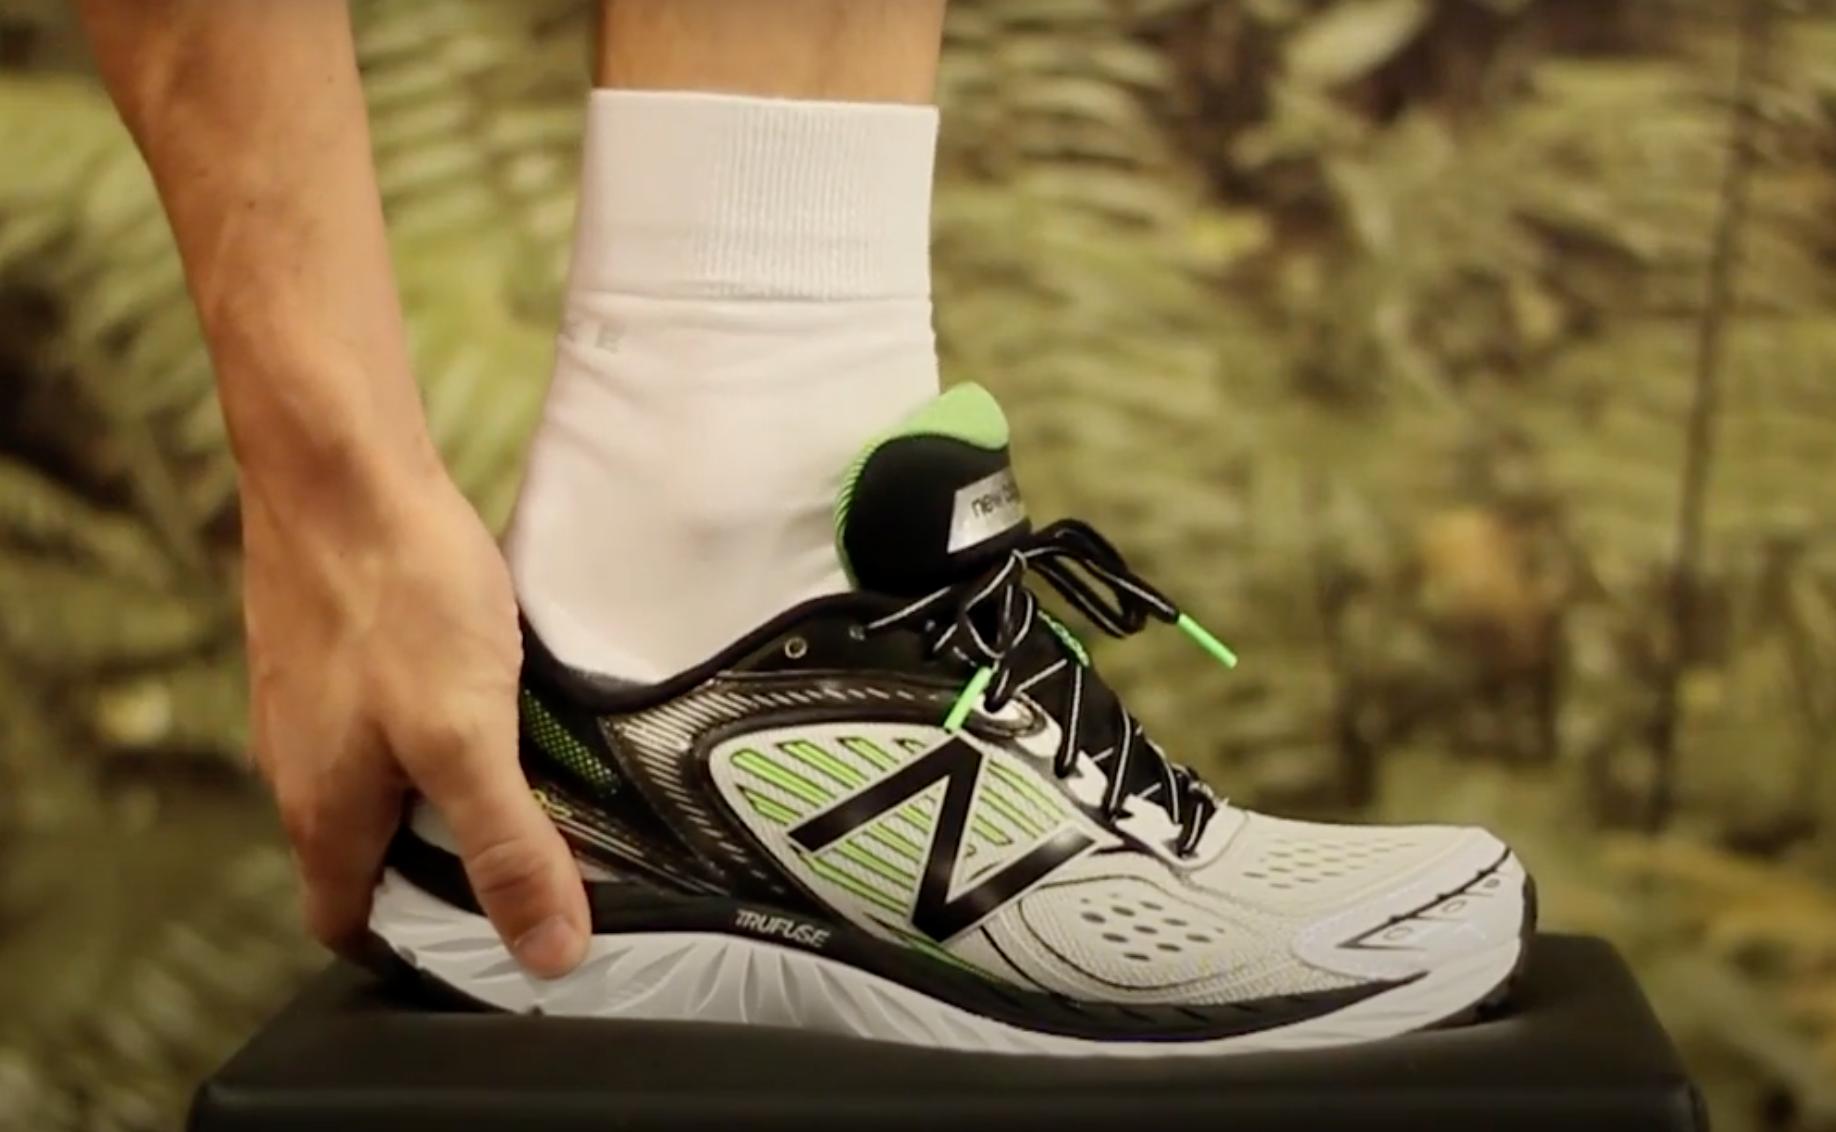 Wat is de juiste manier om je hardloopschoen te veteren? Bekijk het in de video! - Video